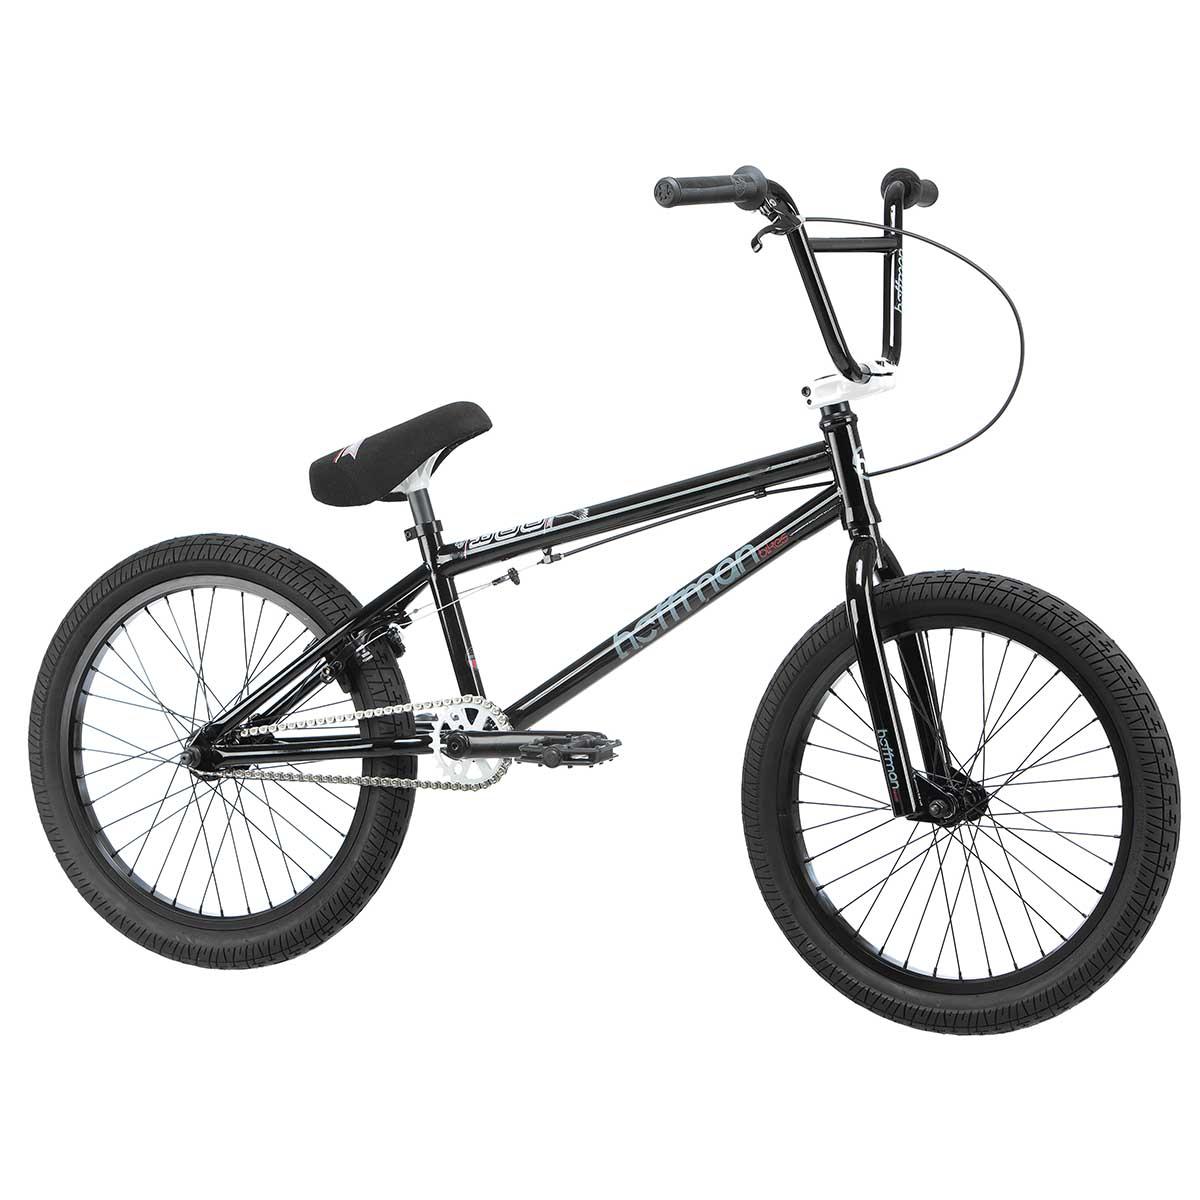 Condor Recruiter Line Complete Bike Hoffman Bikes